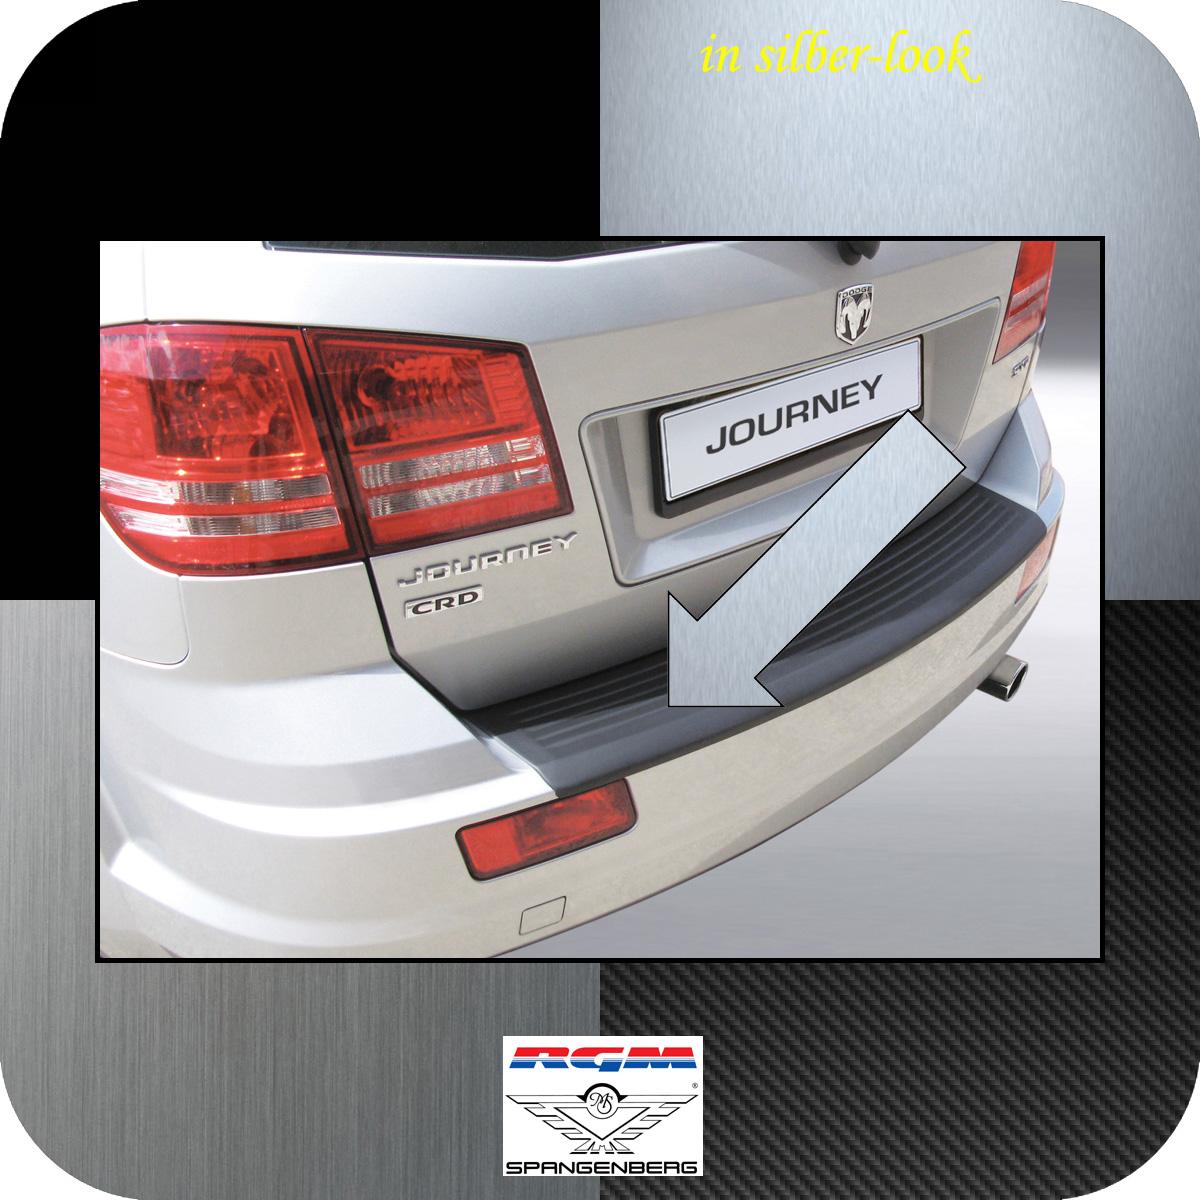 Ladekantenschutz Silber-Look Dodge Journey SUV ab facelift Baujahr 2011- 3506562